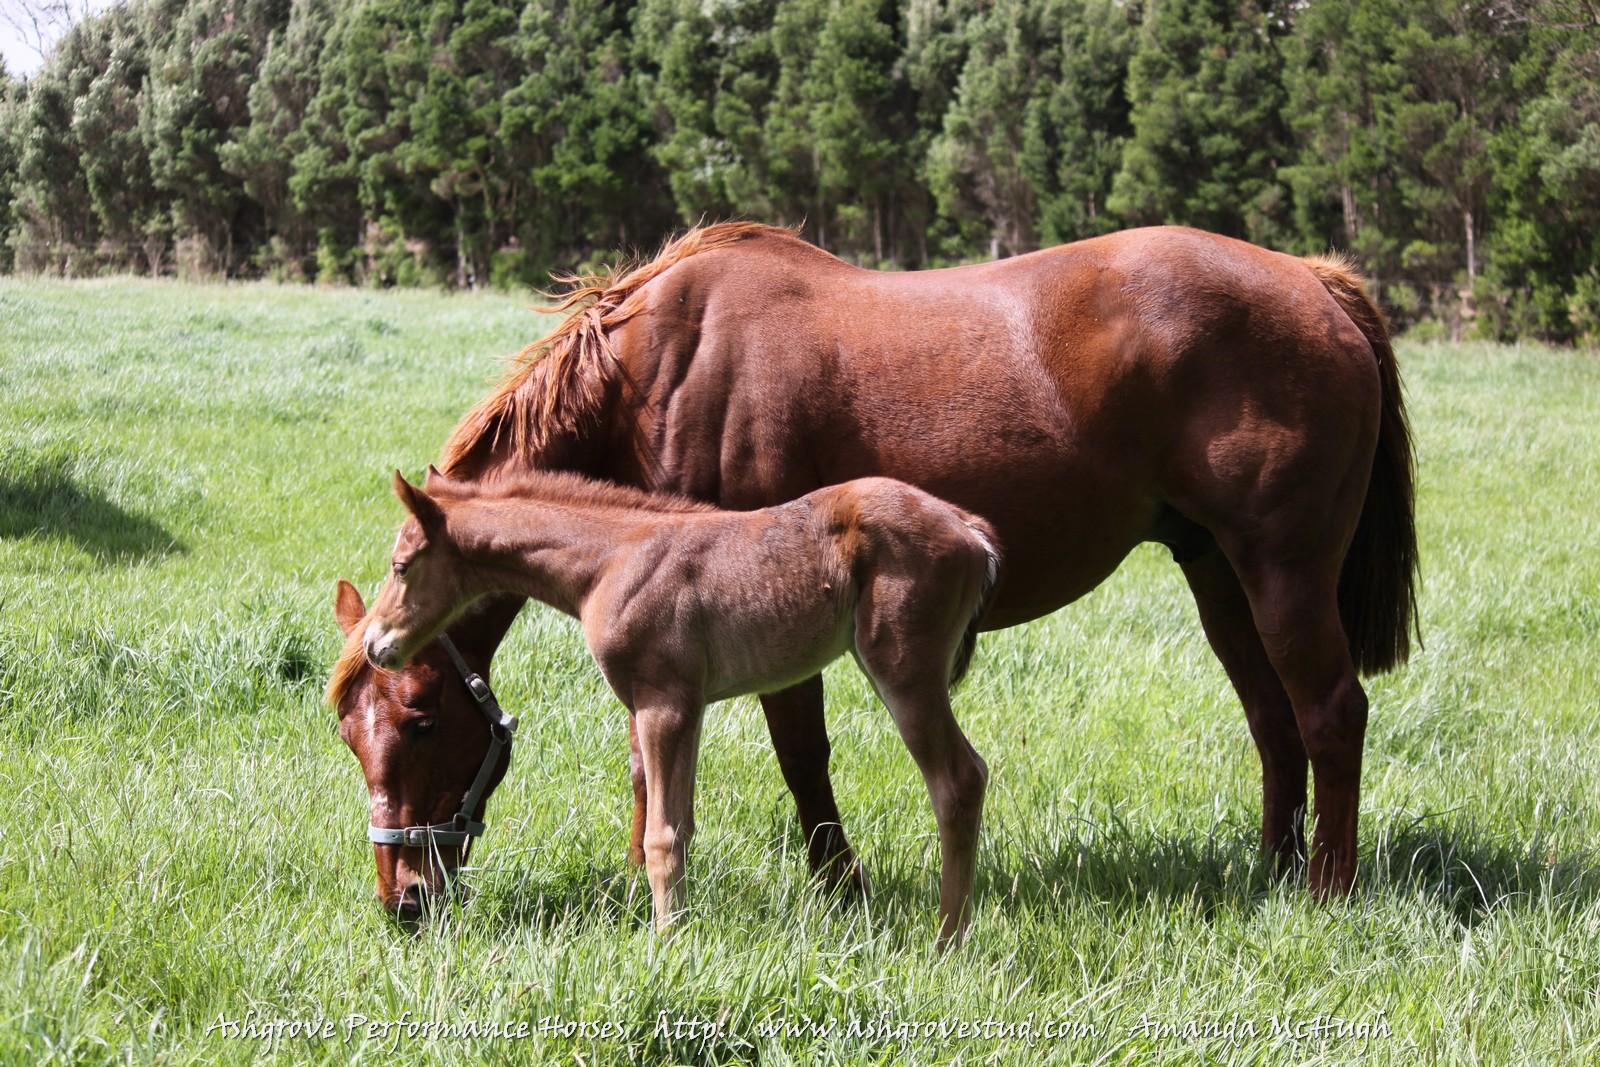 Foals 28-10-14 193 - Copy